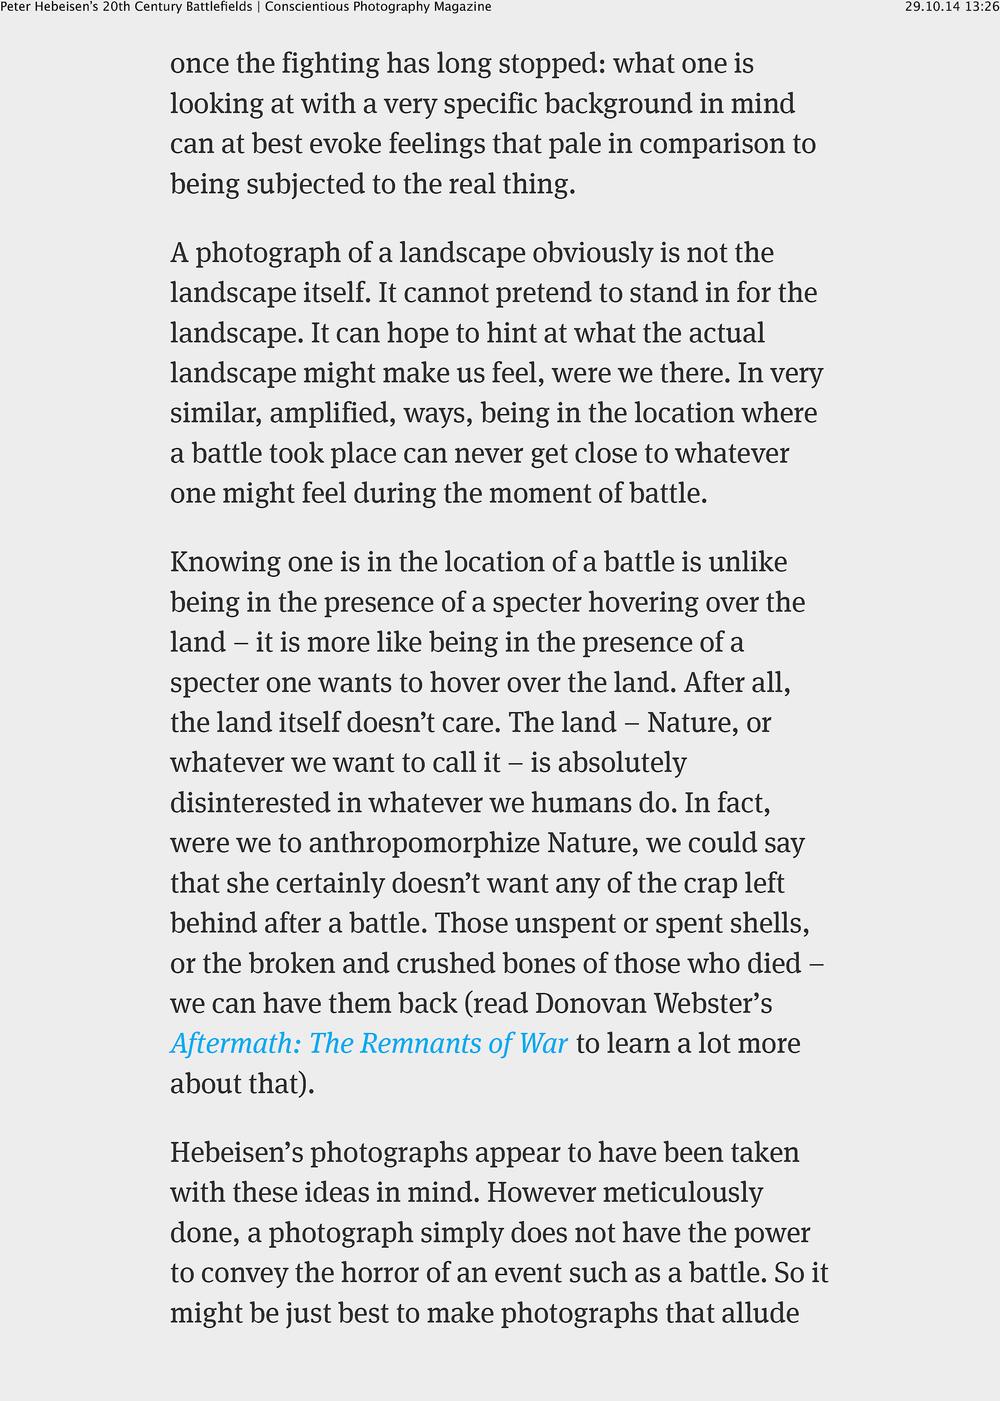 Peter Hebeisen's 20th Century Battlefields | Conscientious Photography Magazine-4 Kopie.jpg